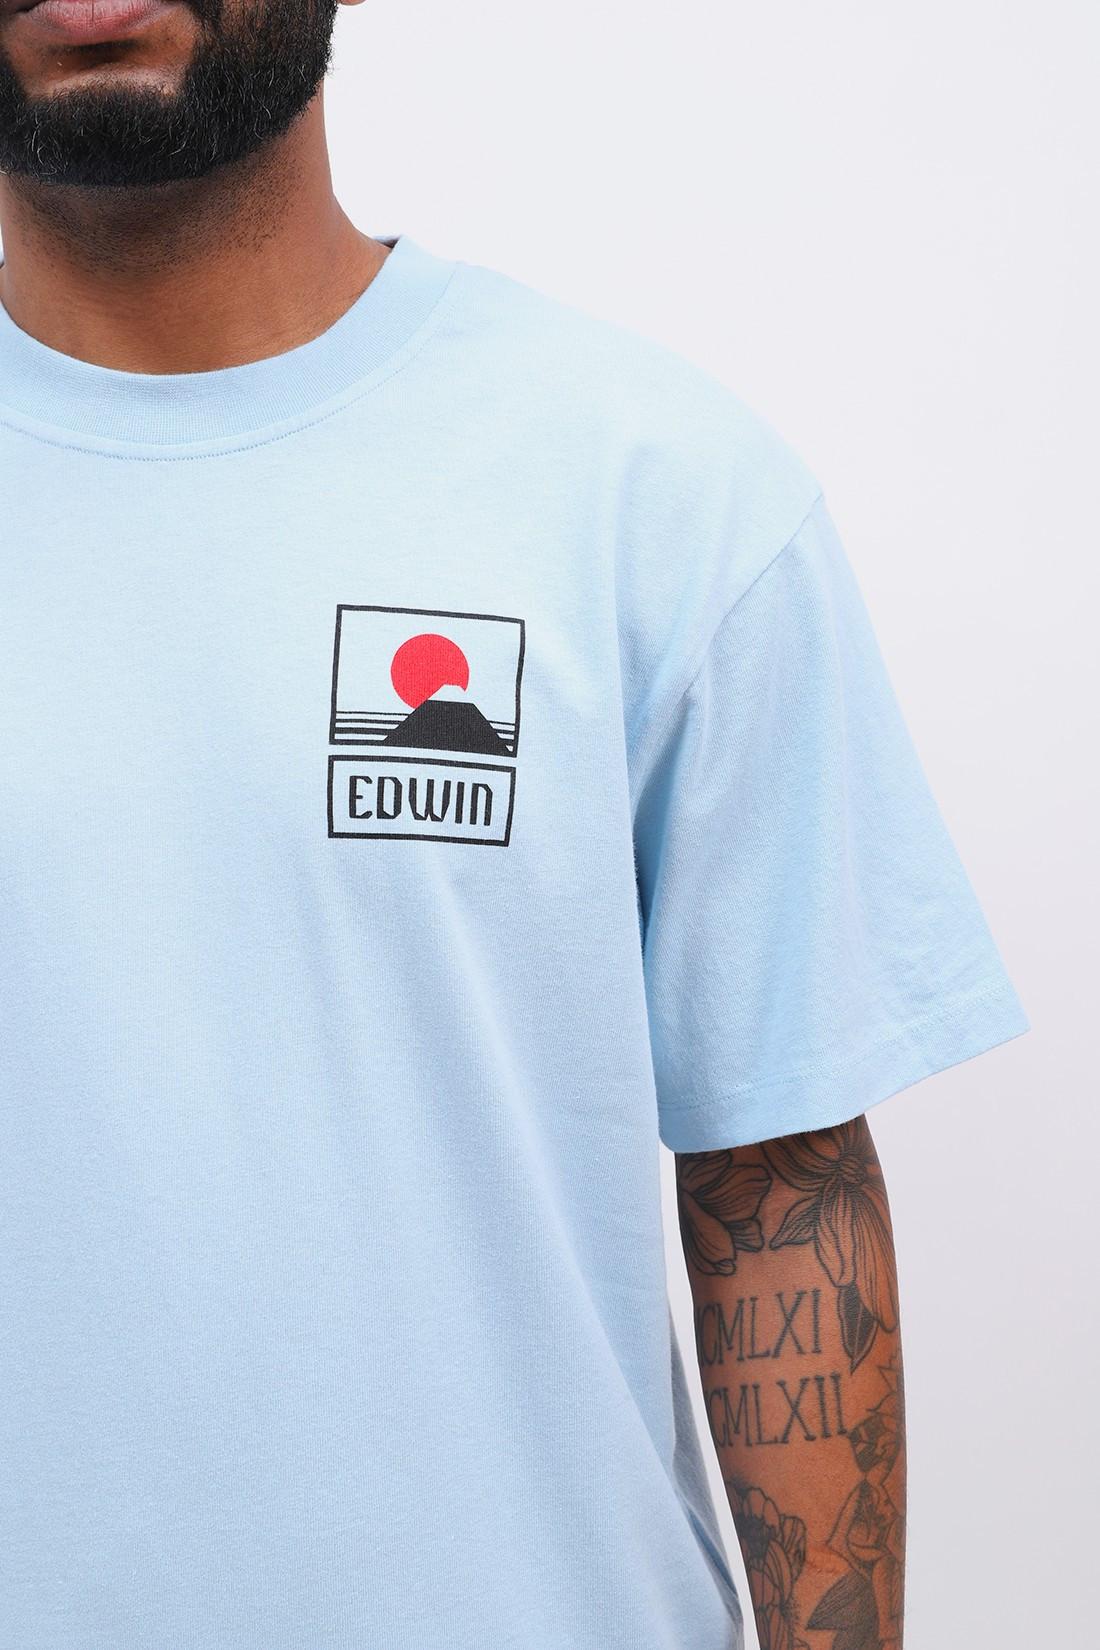 EDWIN / Sunset on mt fuji tee shirt Cerulean